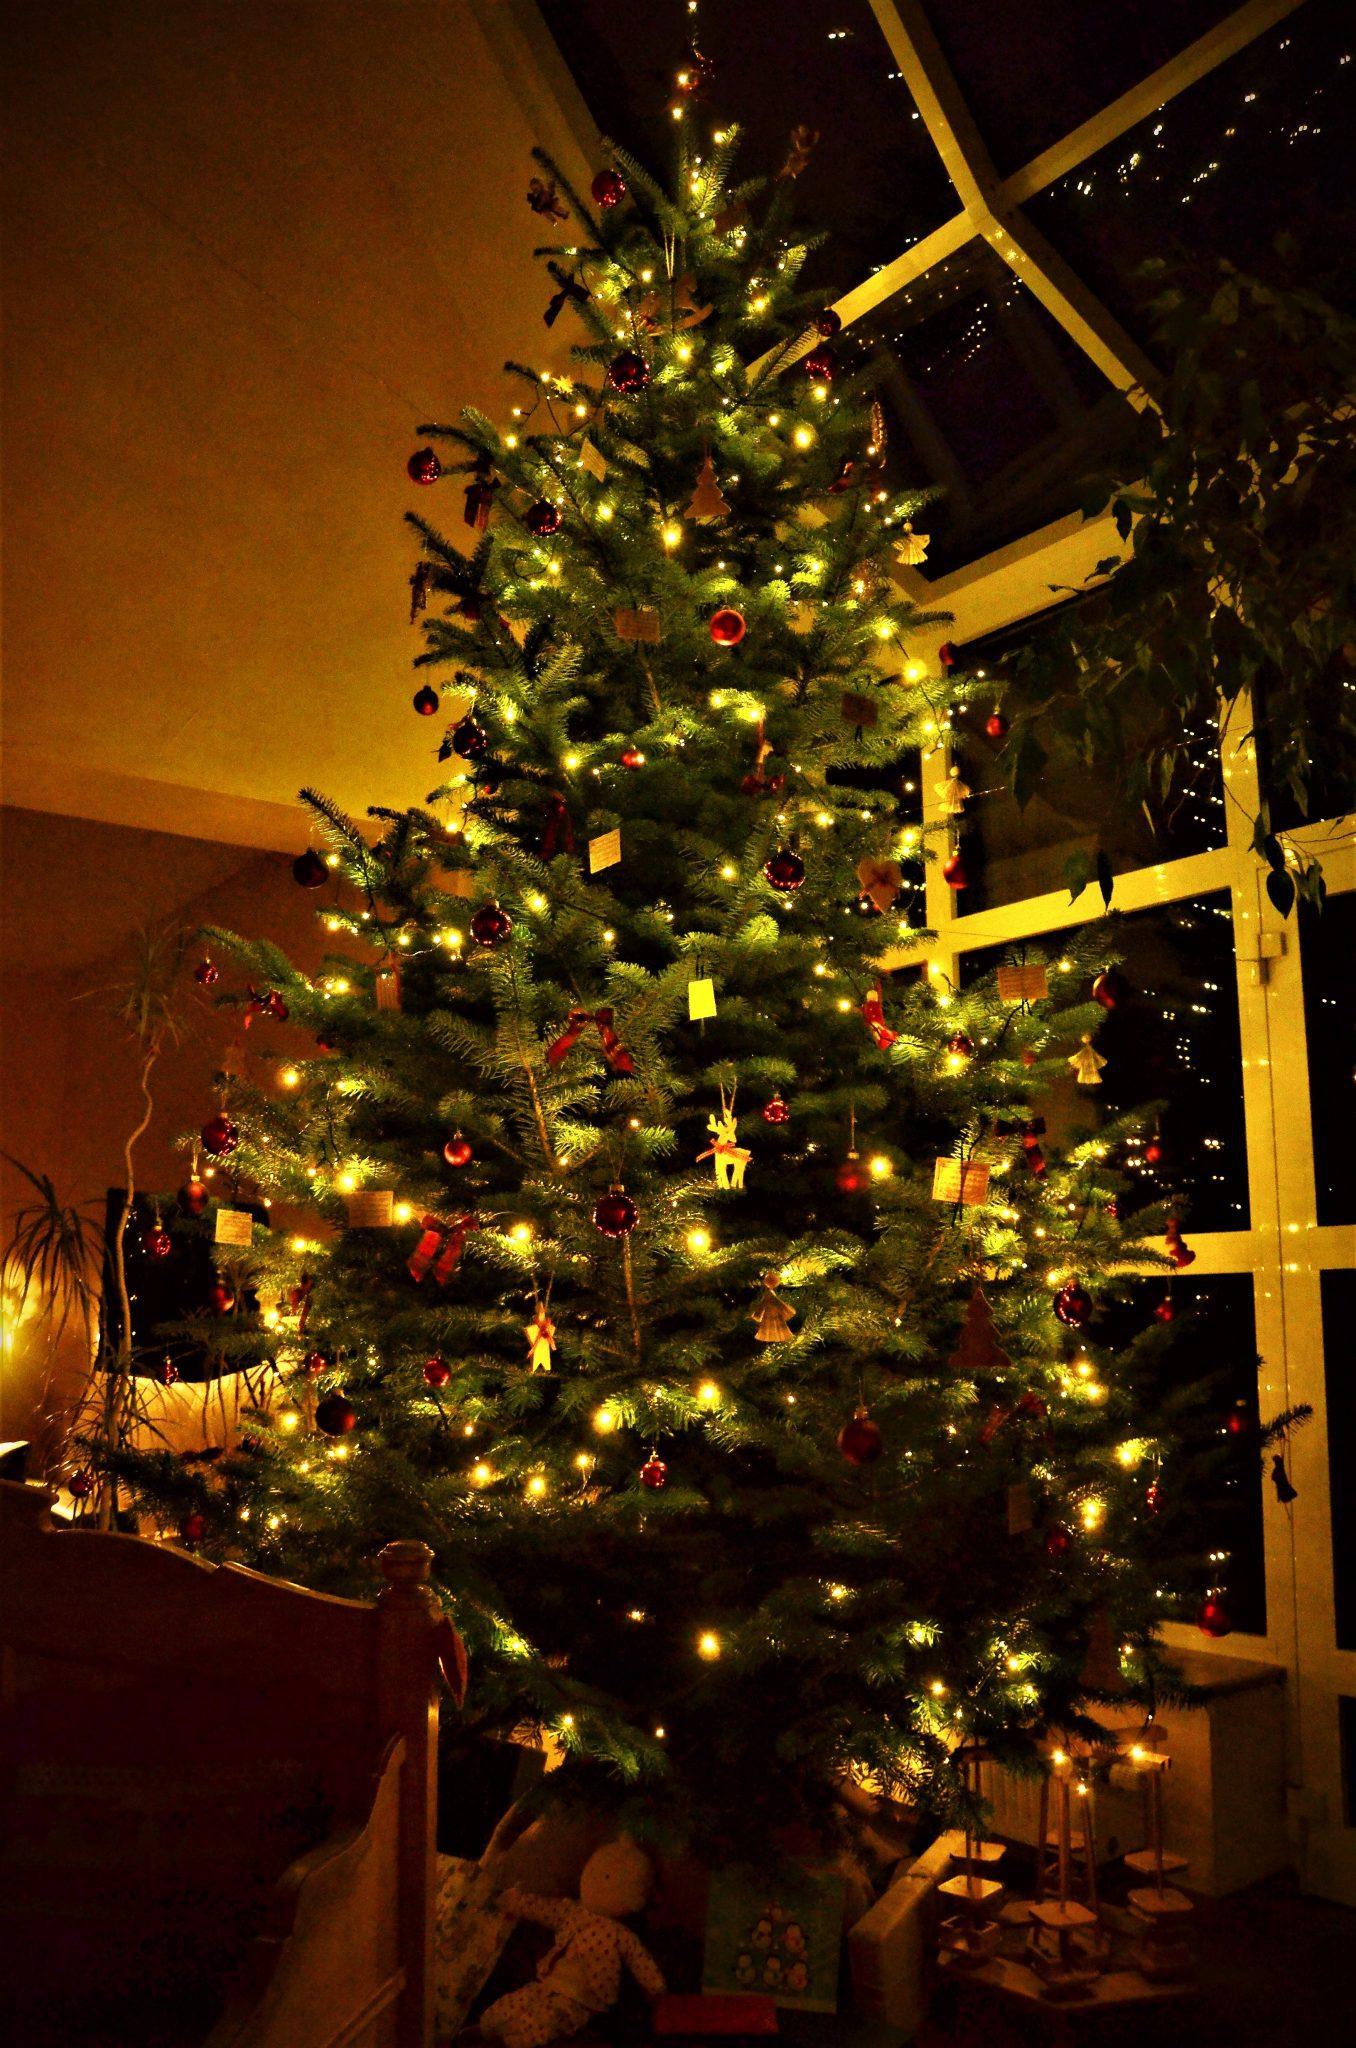 Eine wirklich wahre Weihnachts(baum)geschichte - winterberg, region, region-wi-me-ha, medebach, hallenberg